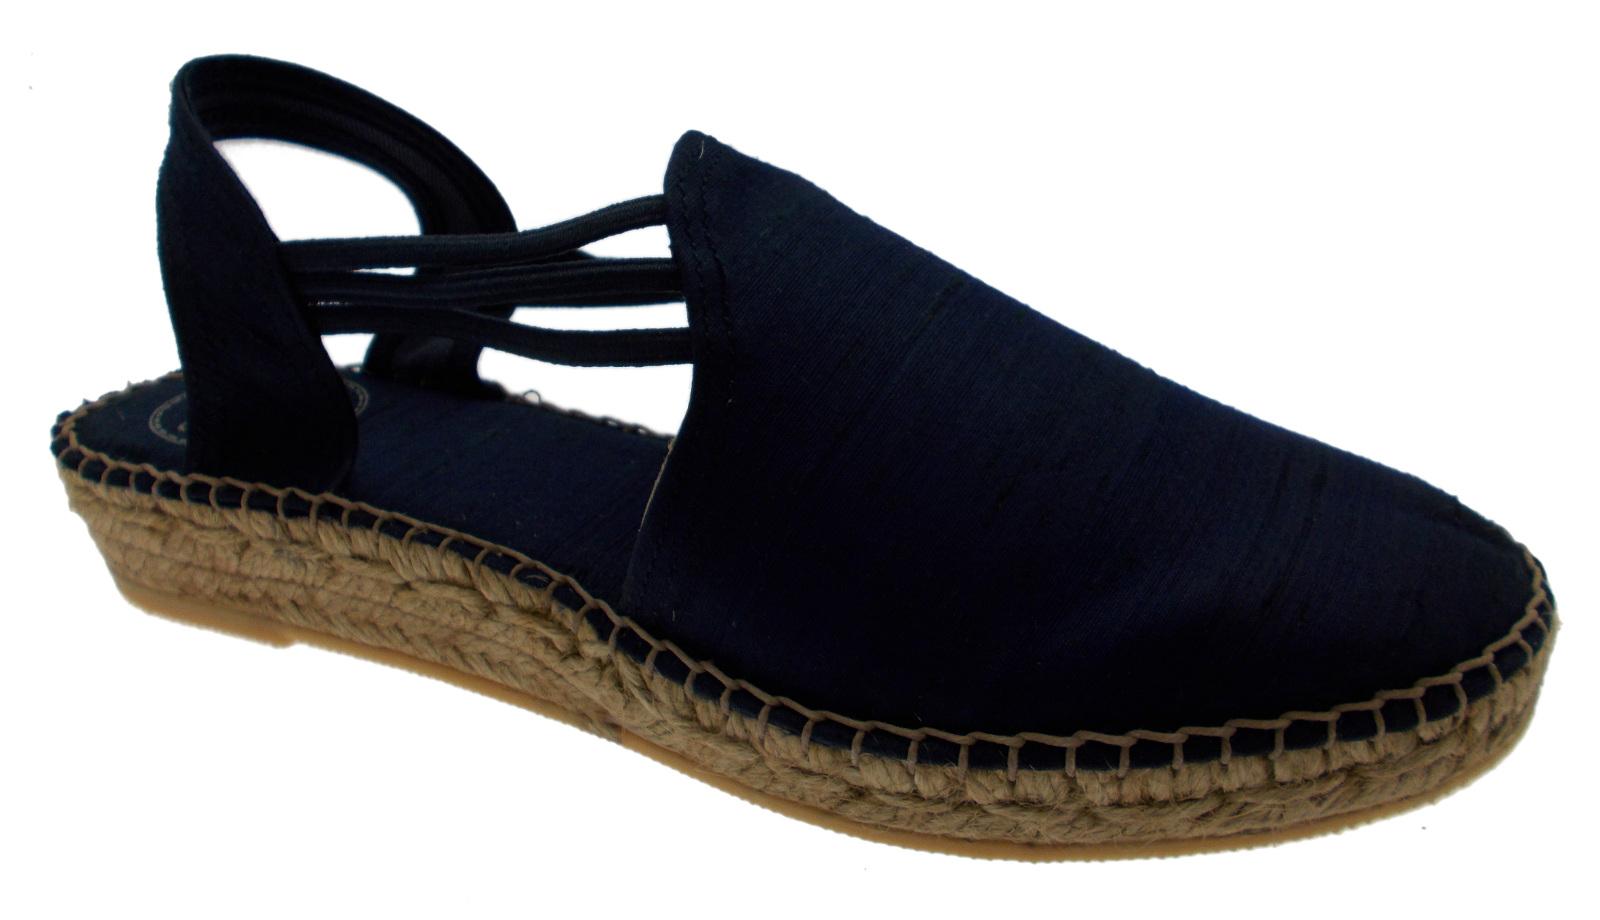 Sandalo corda blu mari raso chiuso zeppa art NEUS P animal free espadrillas Toni P NEUS 303769